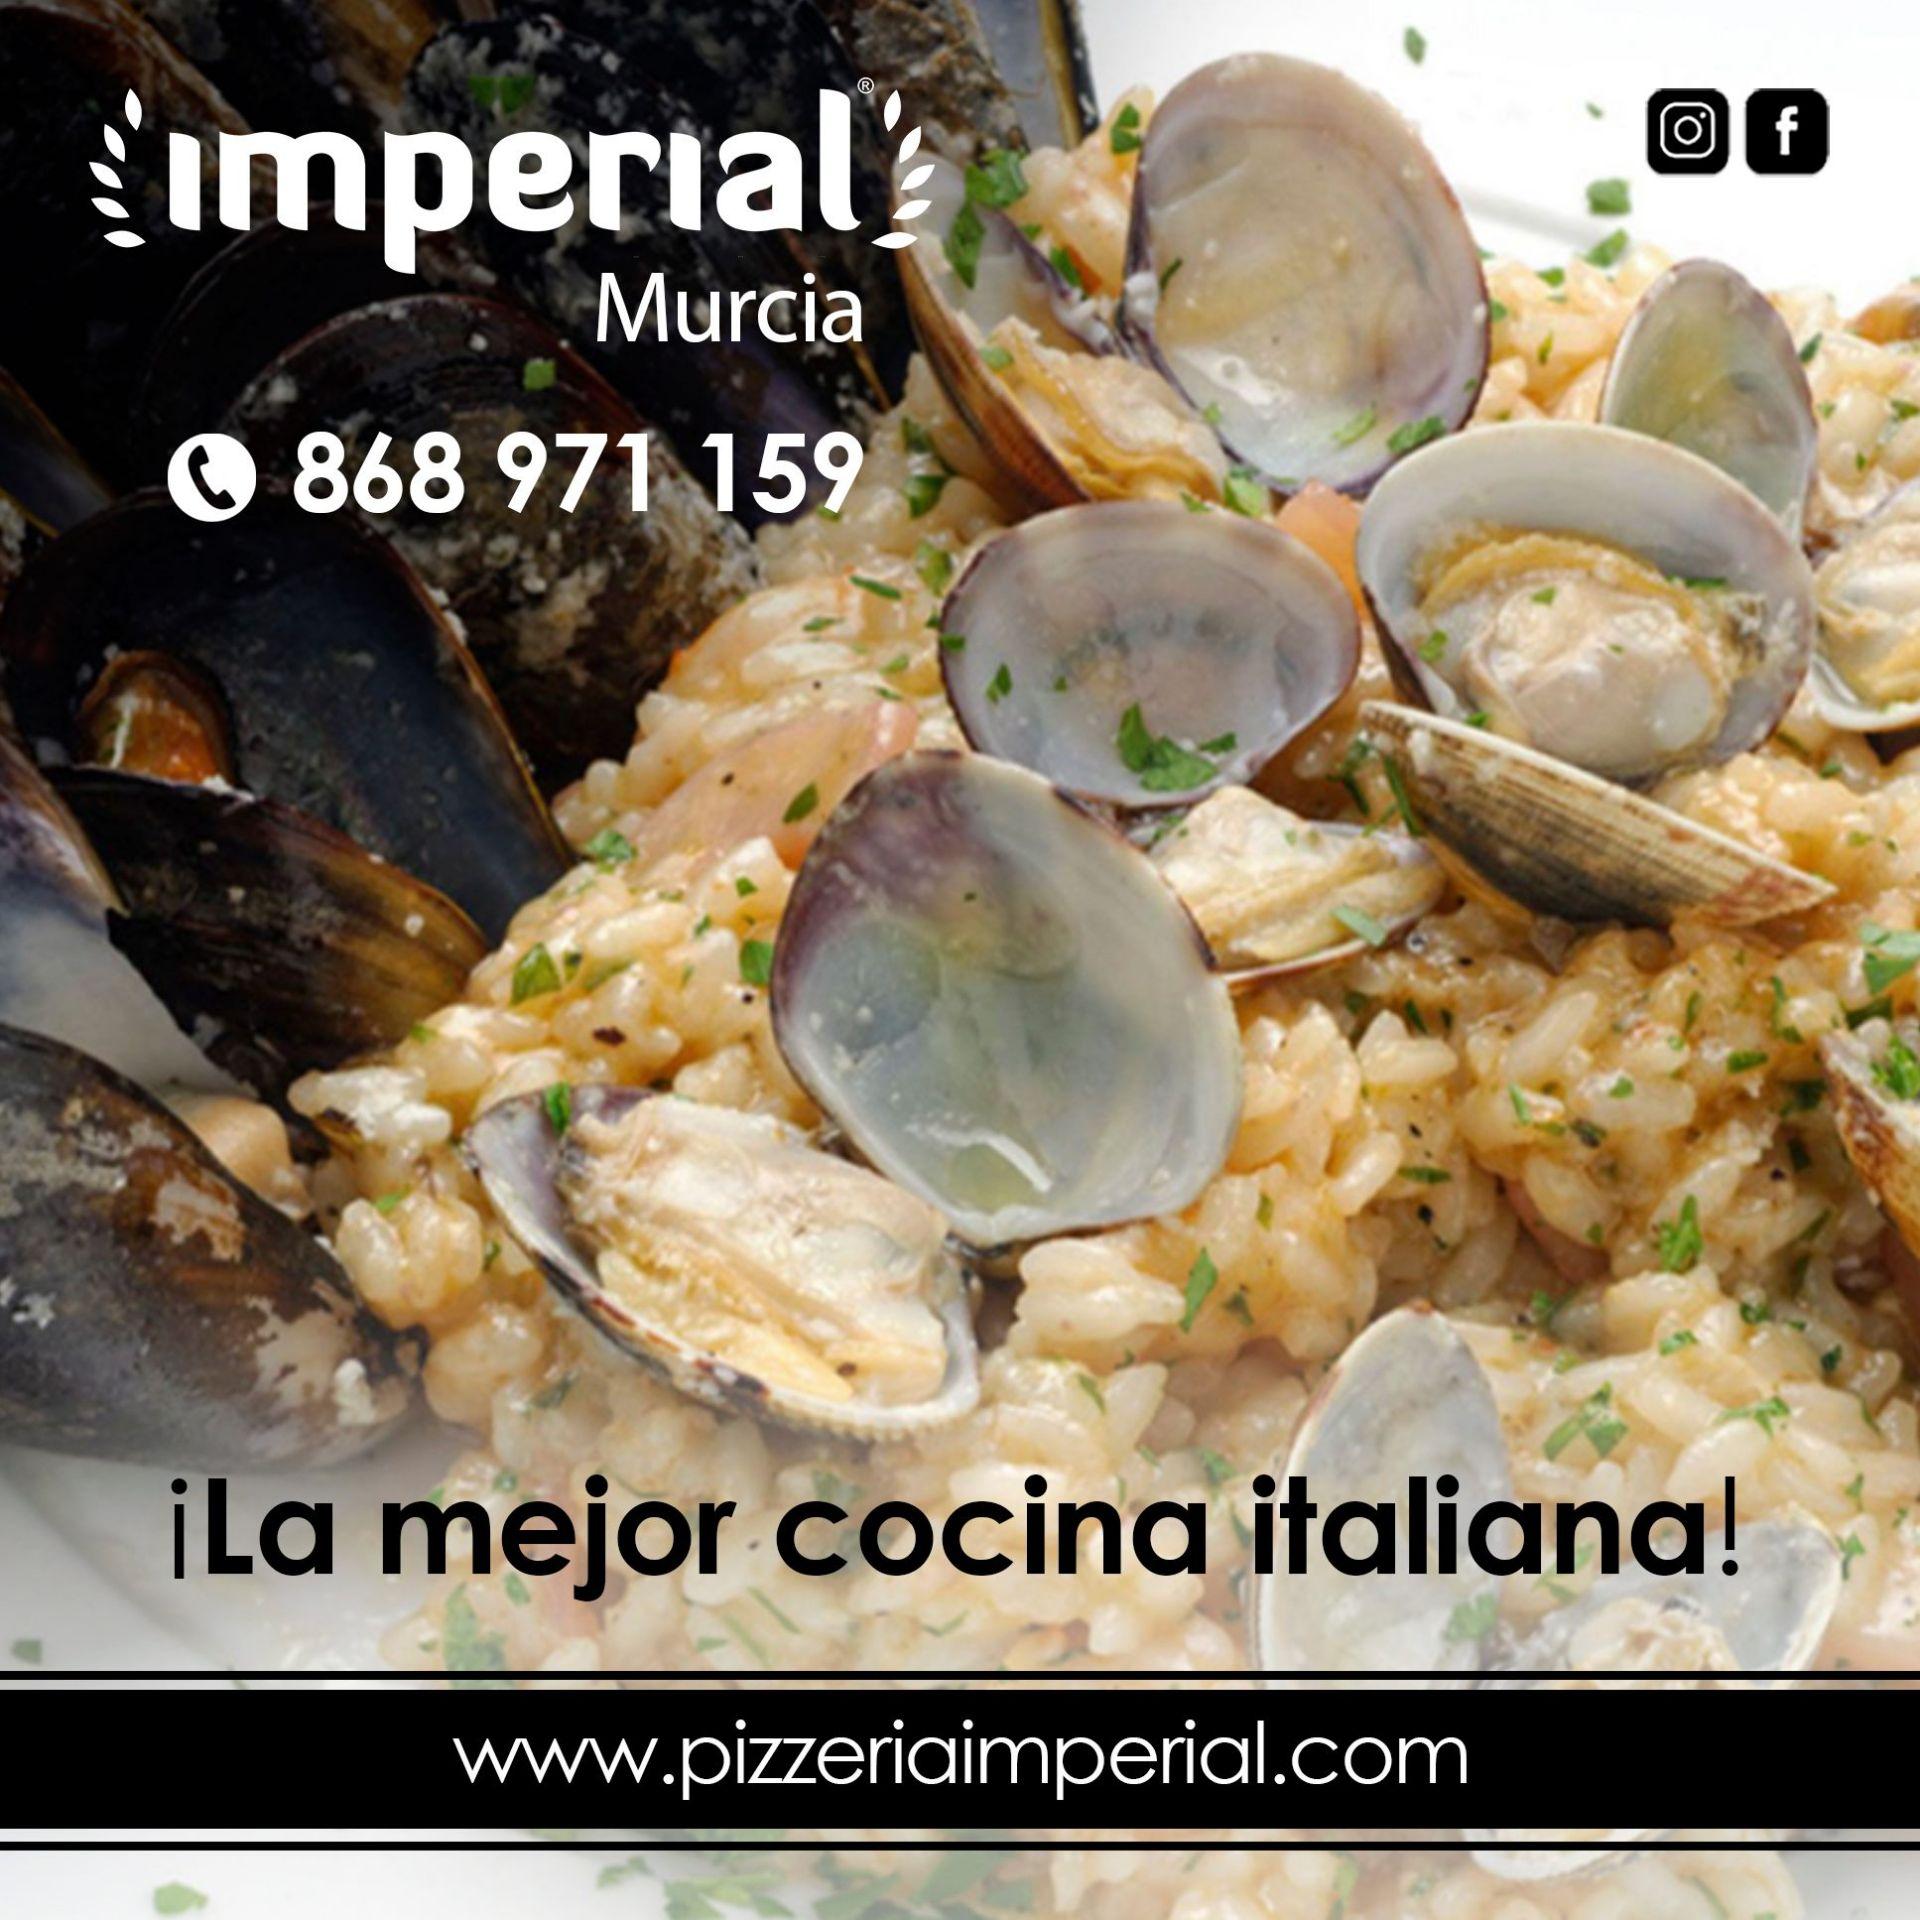 La mejor cocina italiana te espera en Imperial Murcia